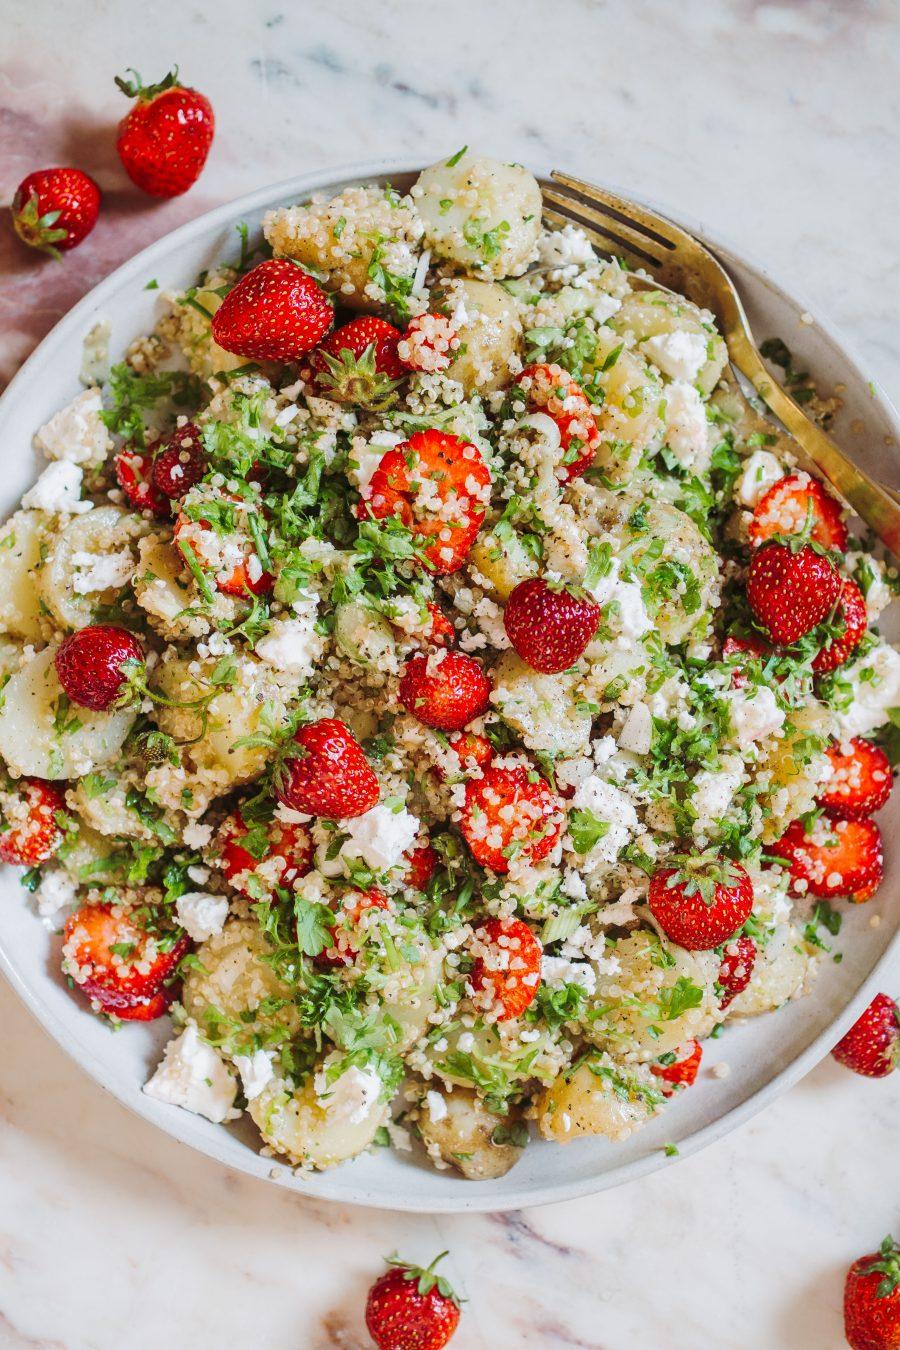 kartoffelsalat med quinoa og jordbær